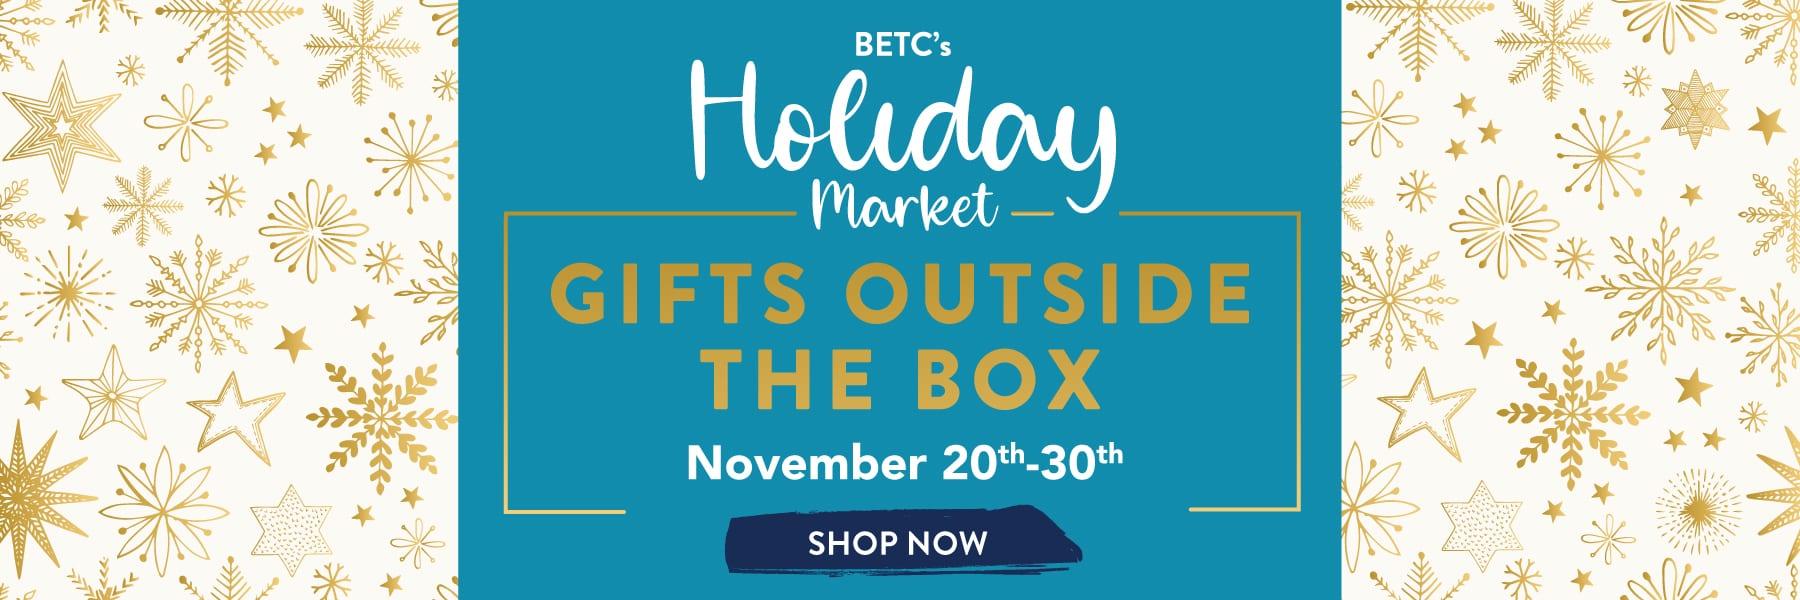 BETC-Holiday-Market